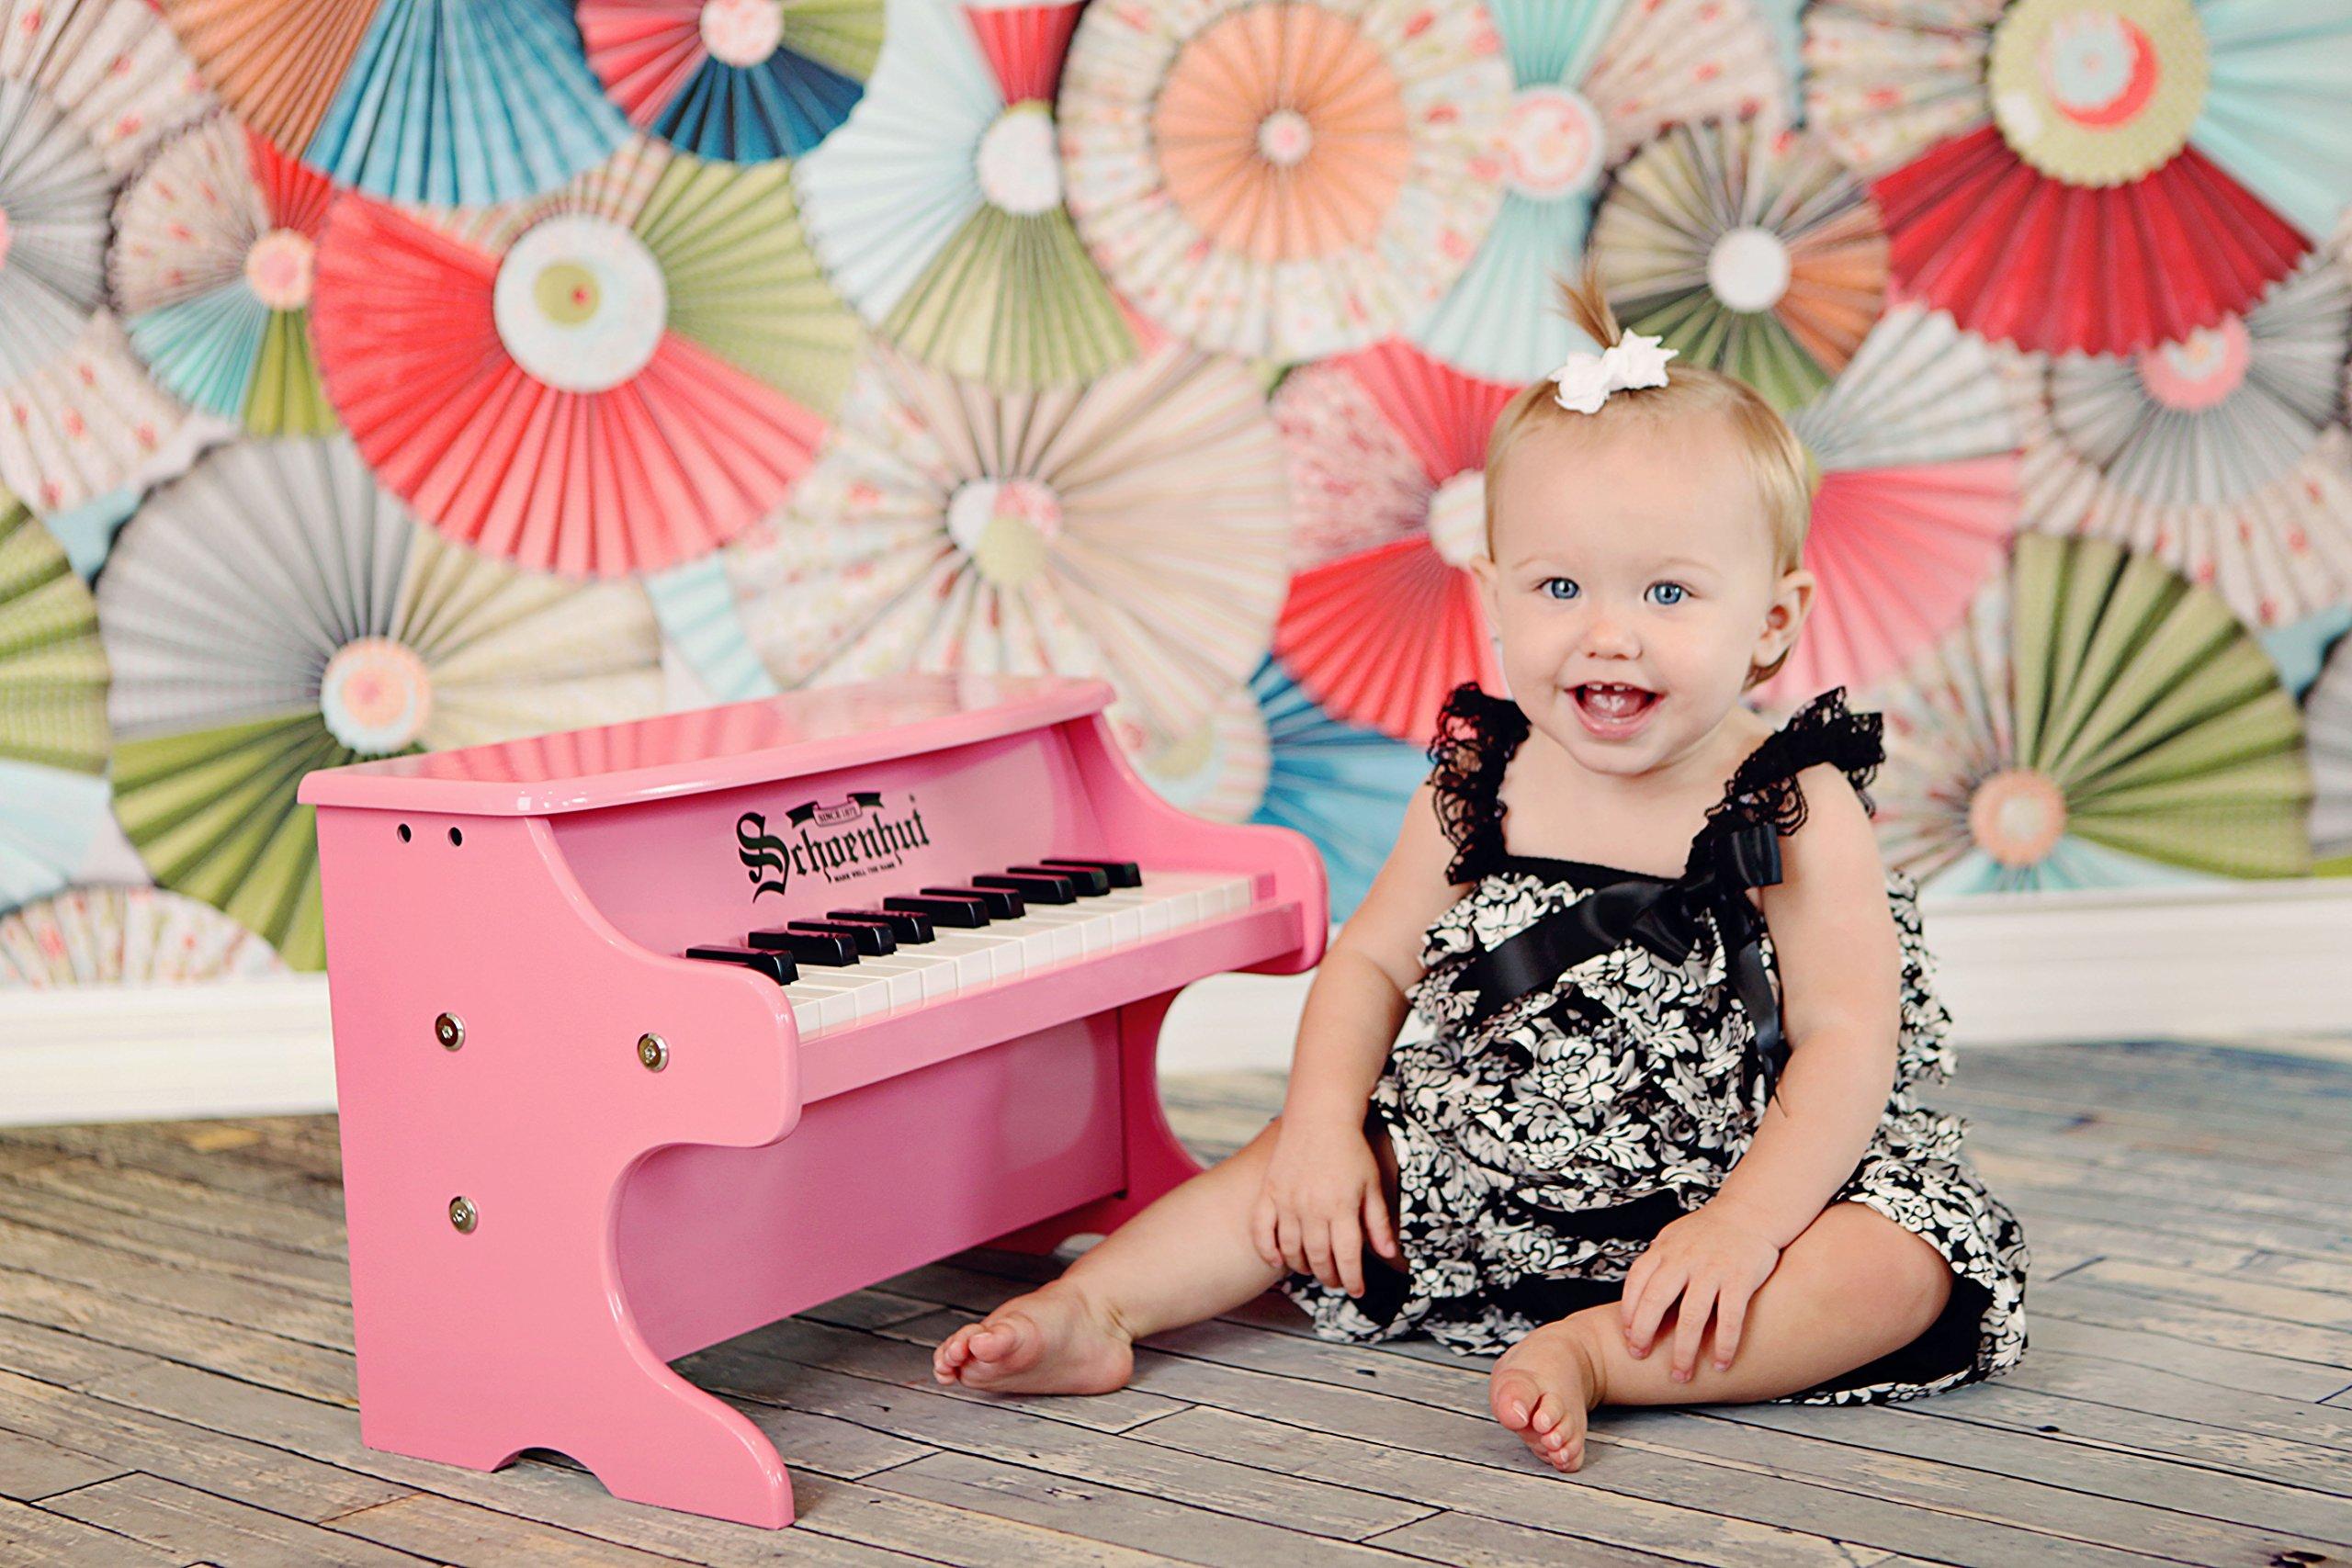 Schoenhut 25 Key ''My First Piano II''